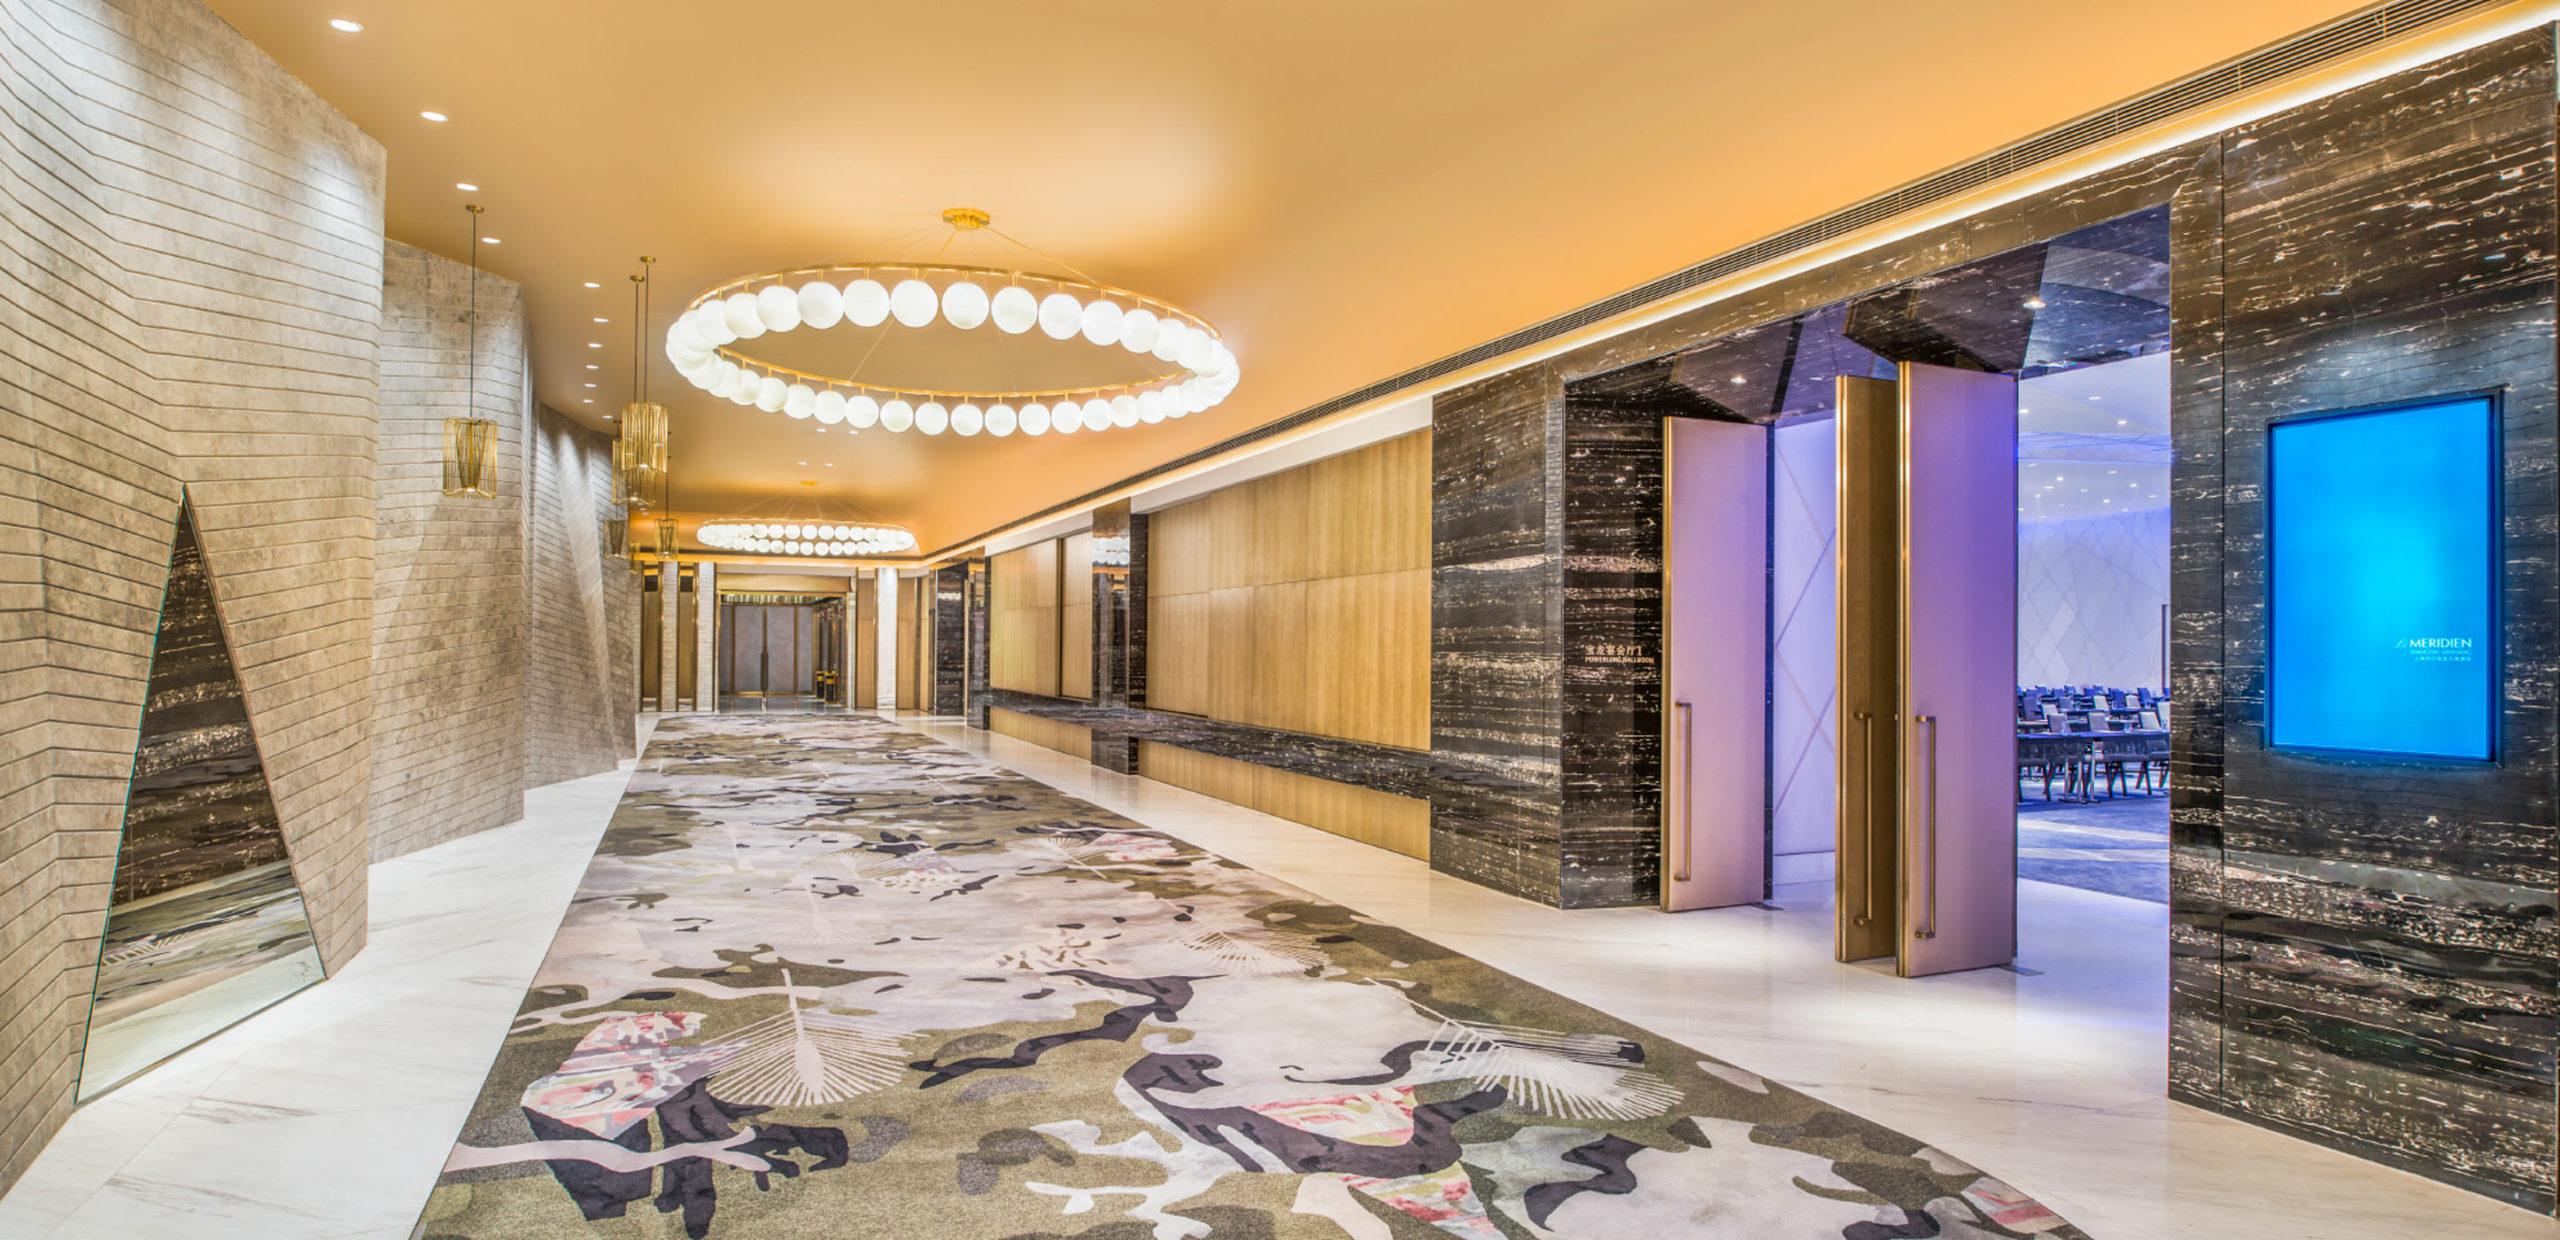 Foyer_17-Feb